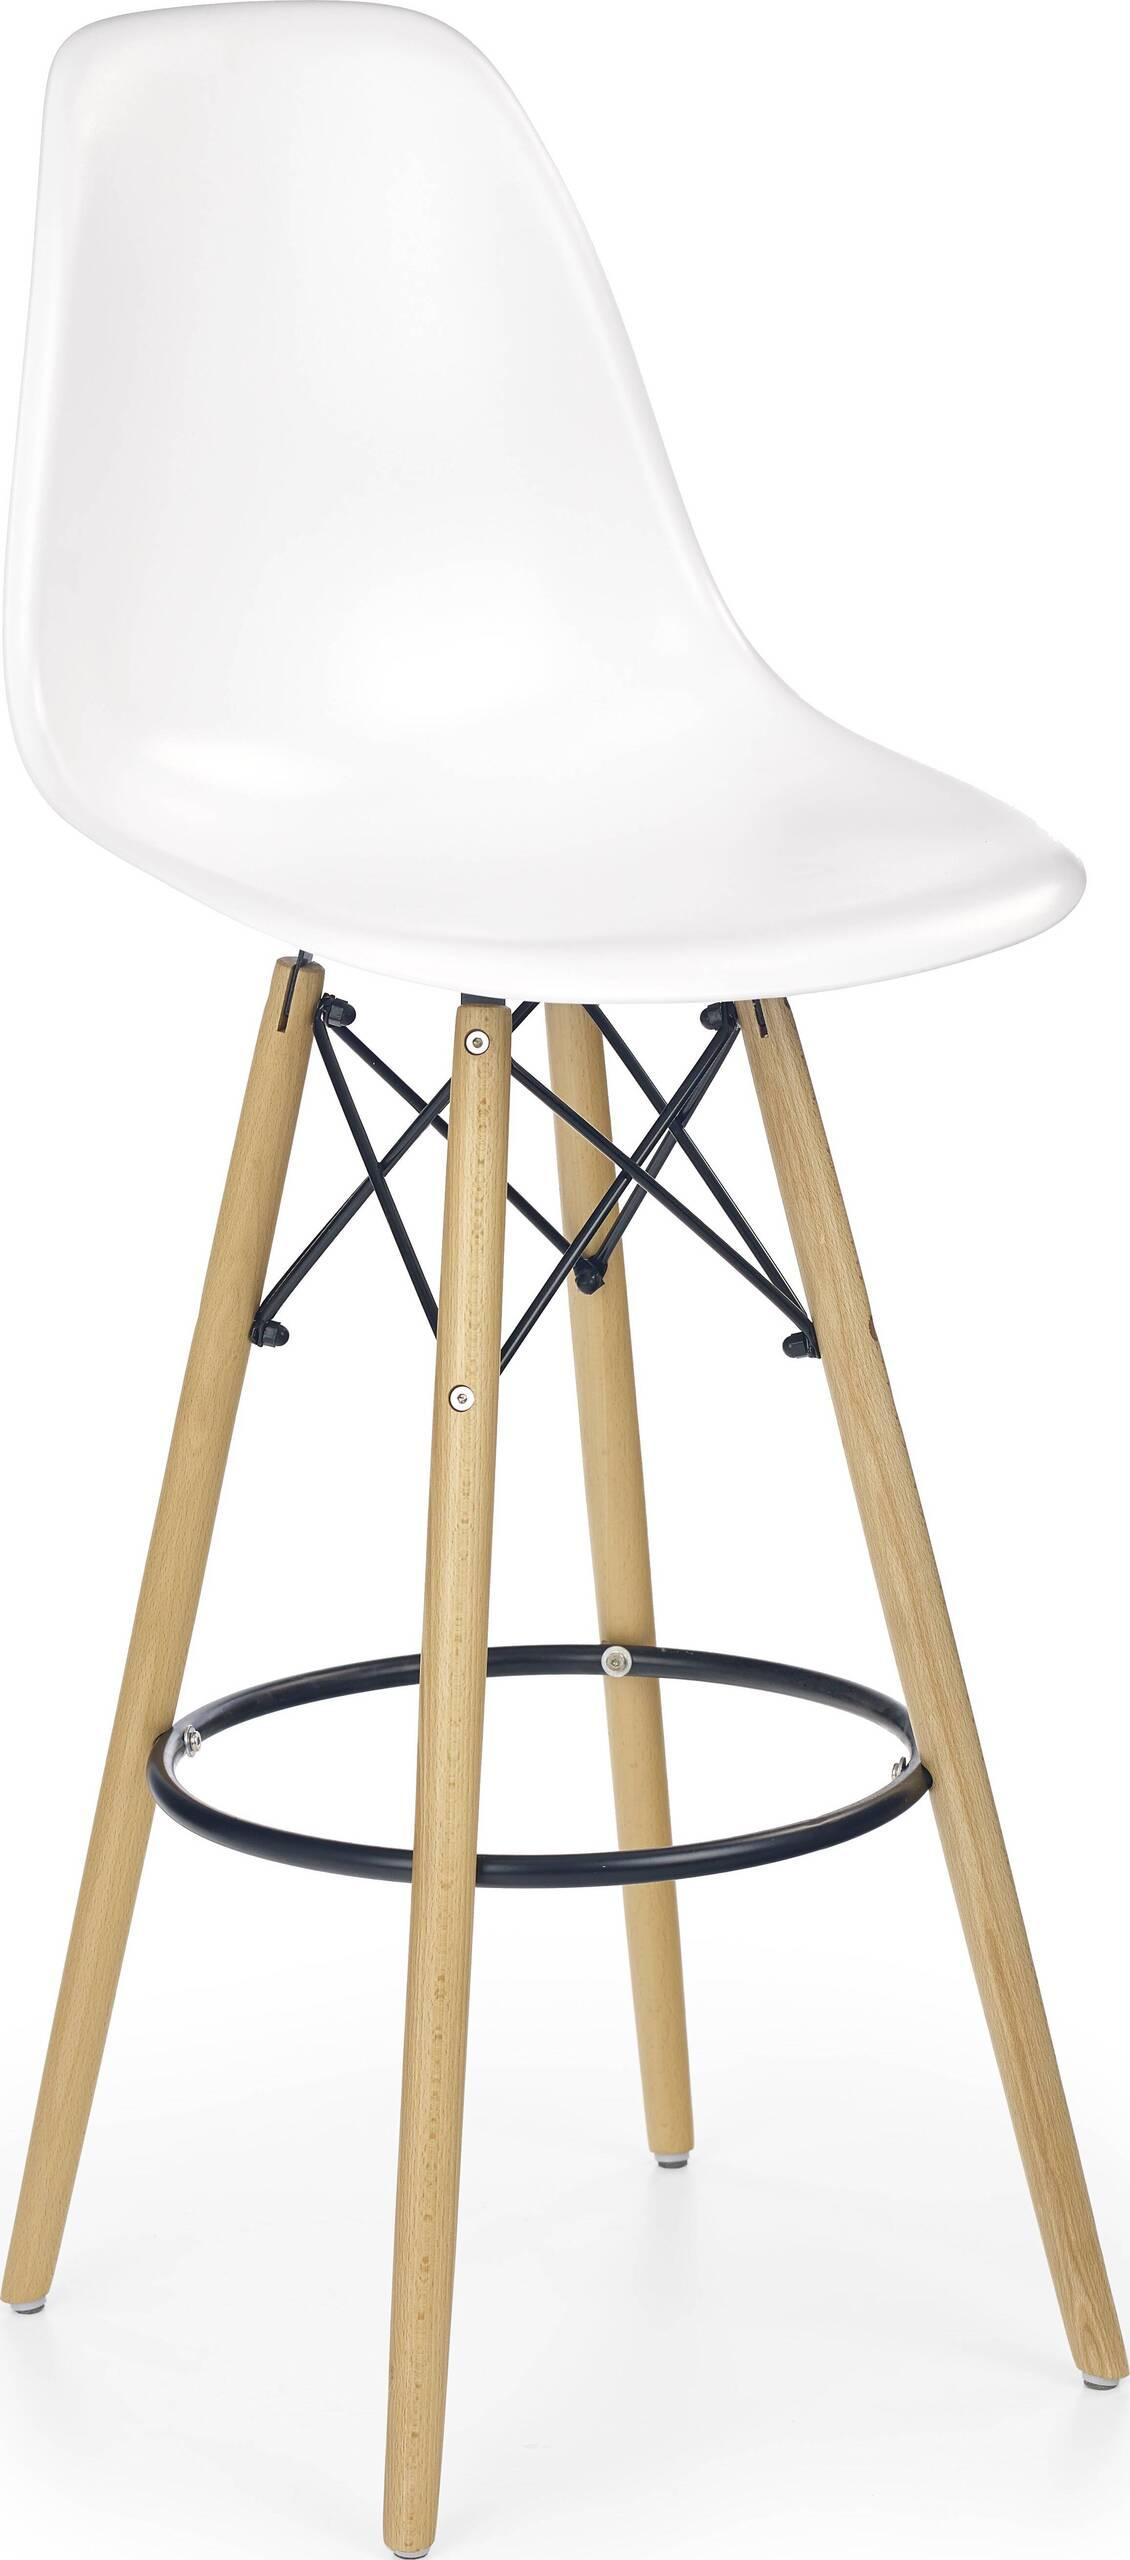 Her h-51 bar kreslo s vysokou stolice white-buk